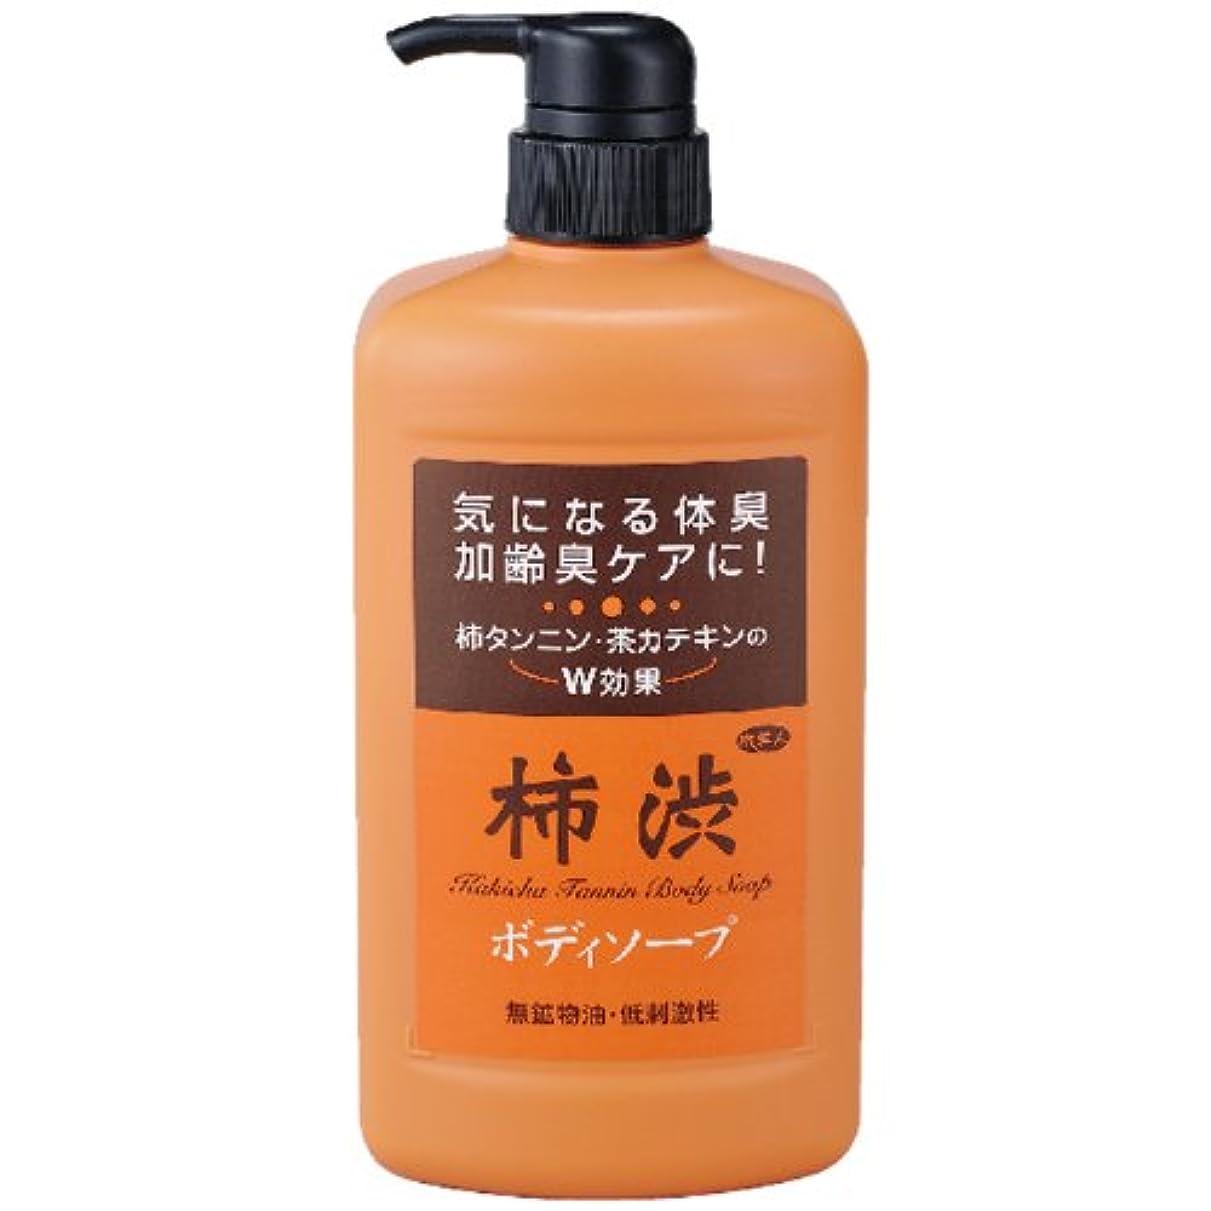 任命指紋つぶやきアズマ商事の 柿渋ボディソープ850ml